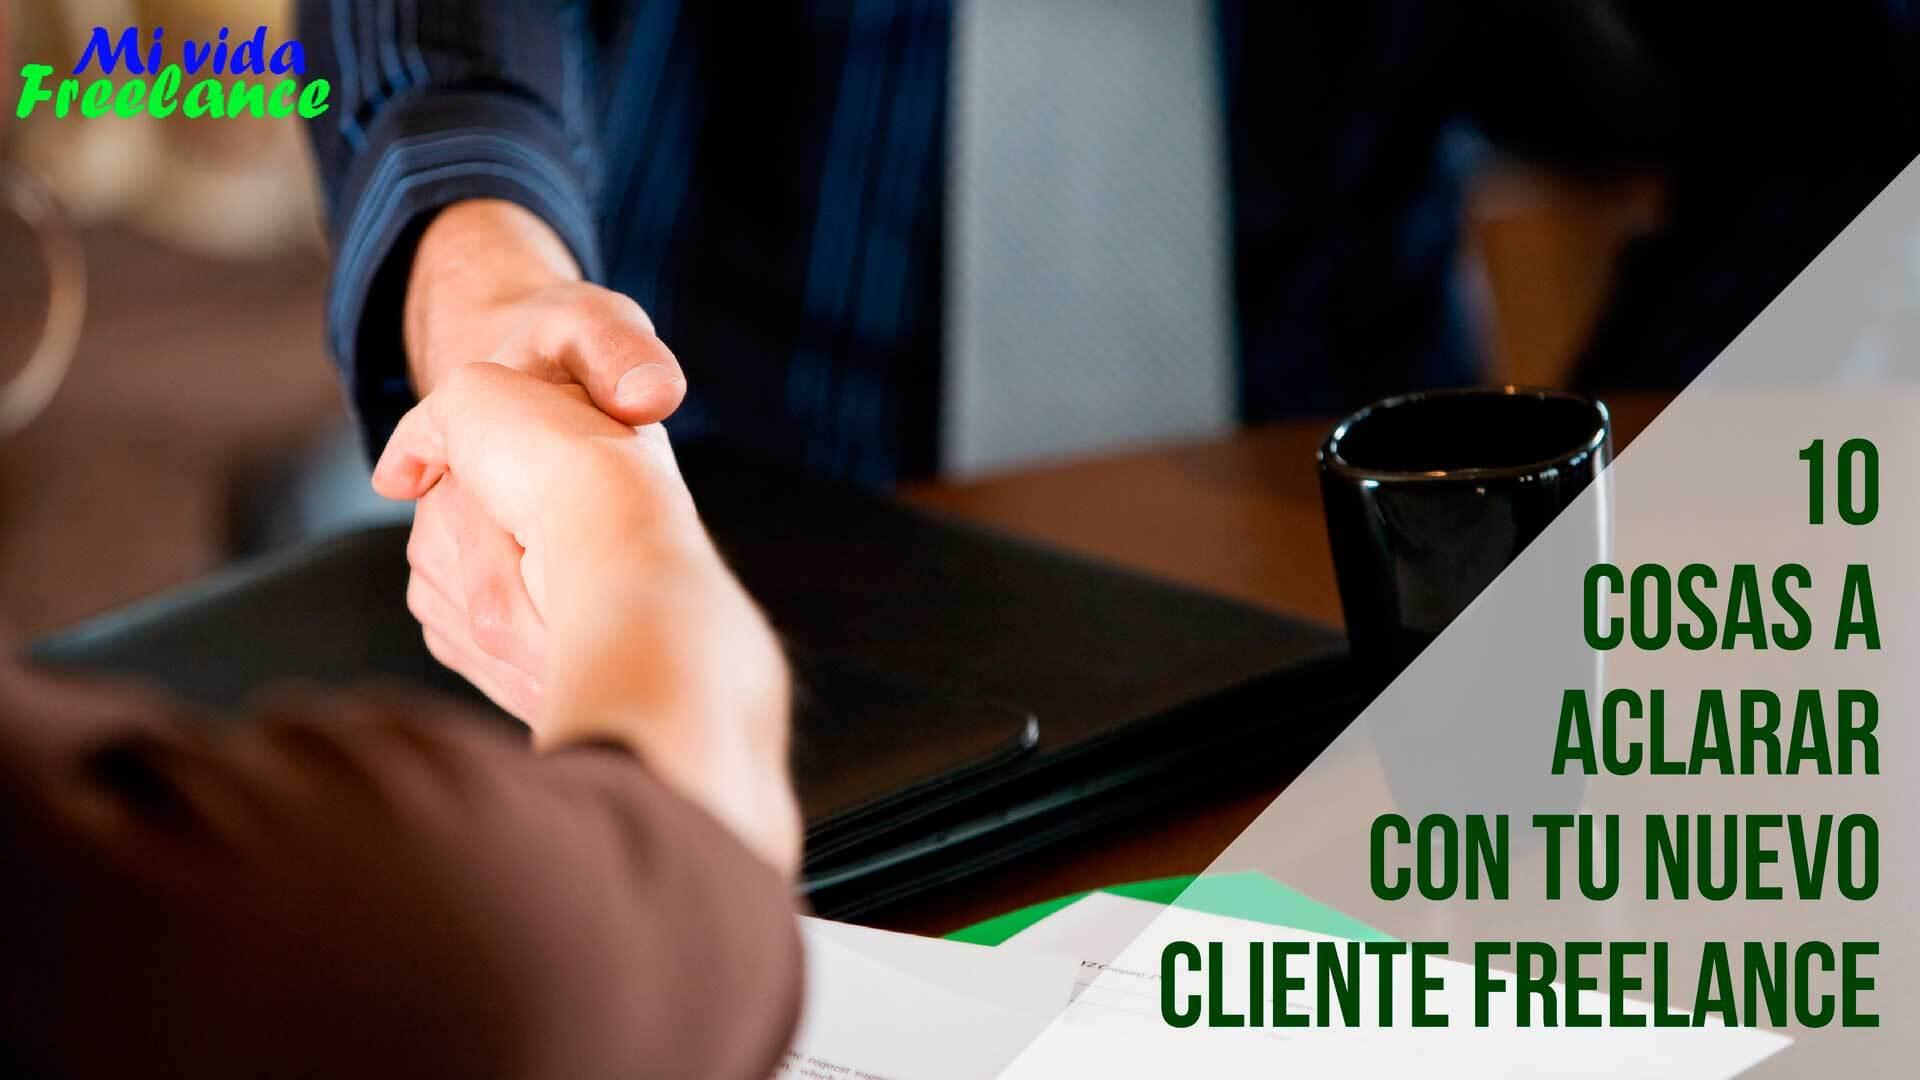 10-cosas-aclarar-cliente-nuevo-mi-vida-freelance